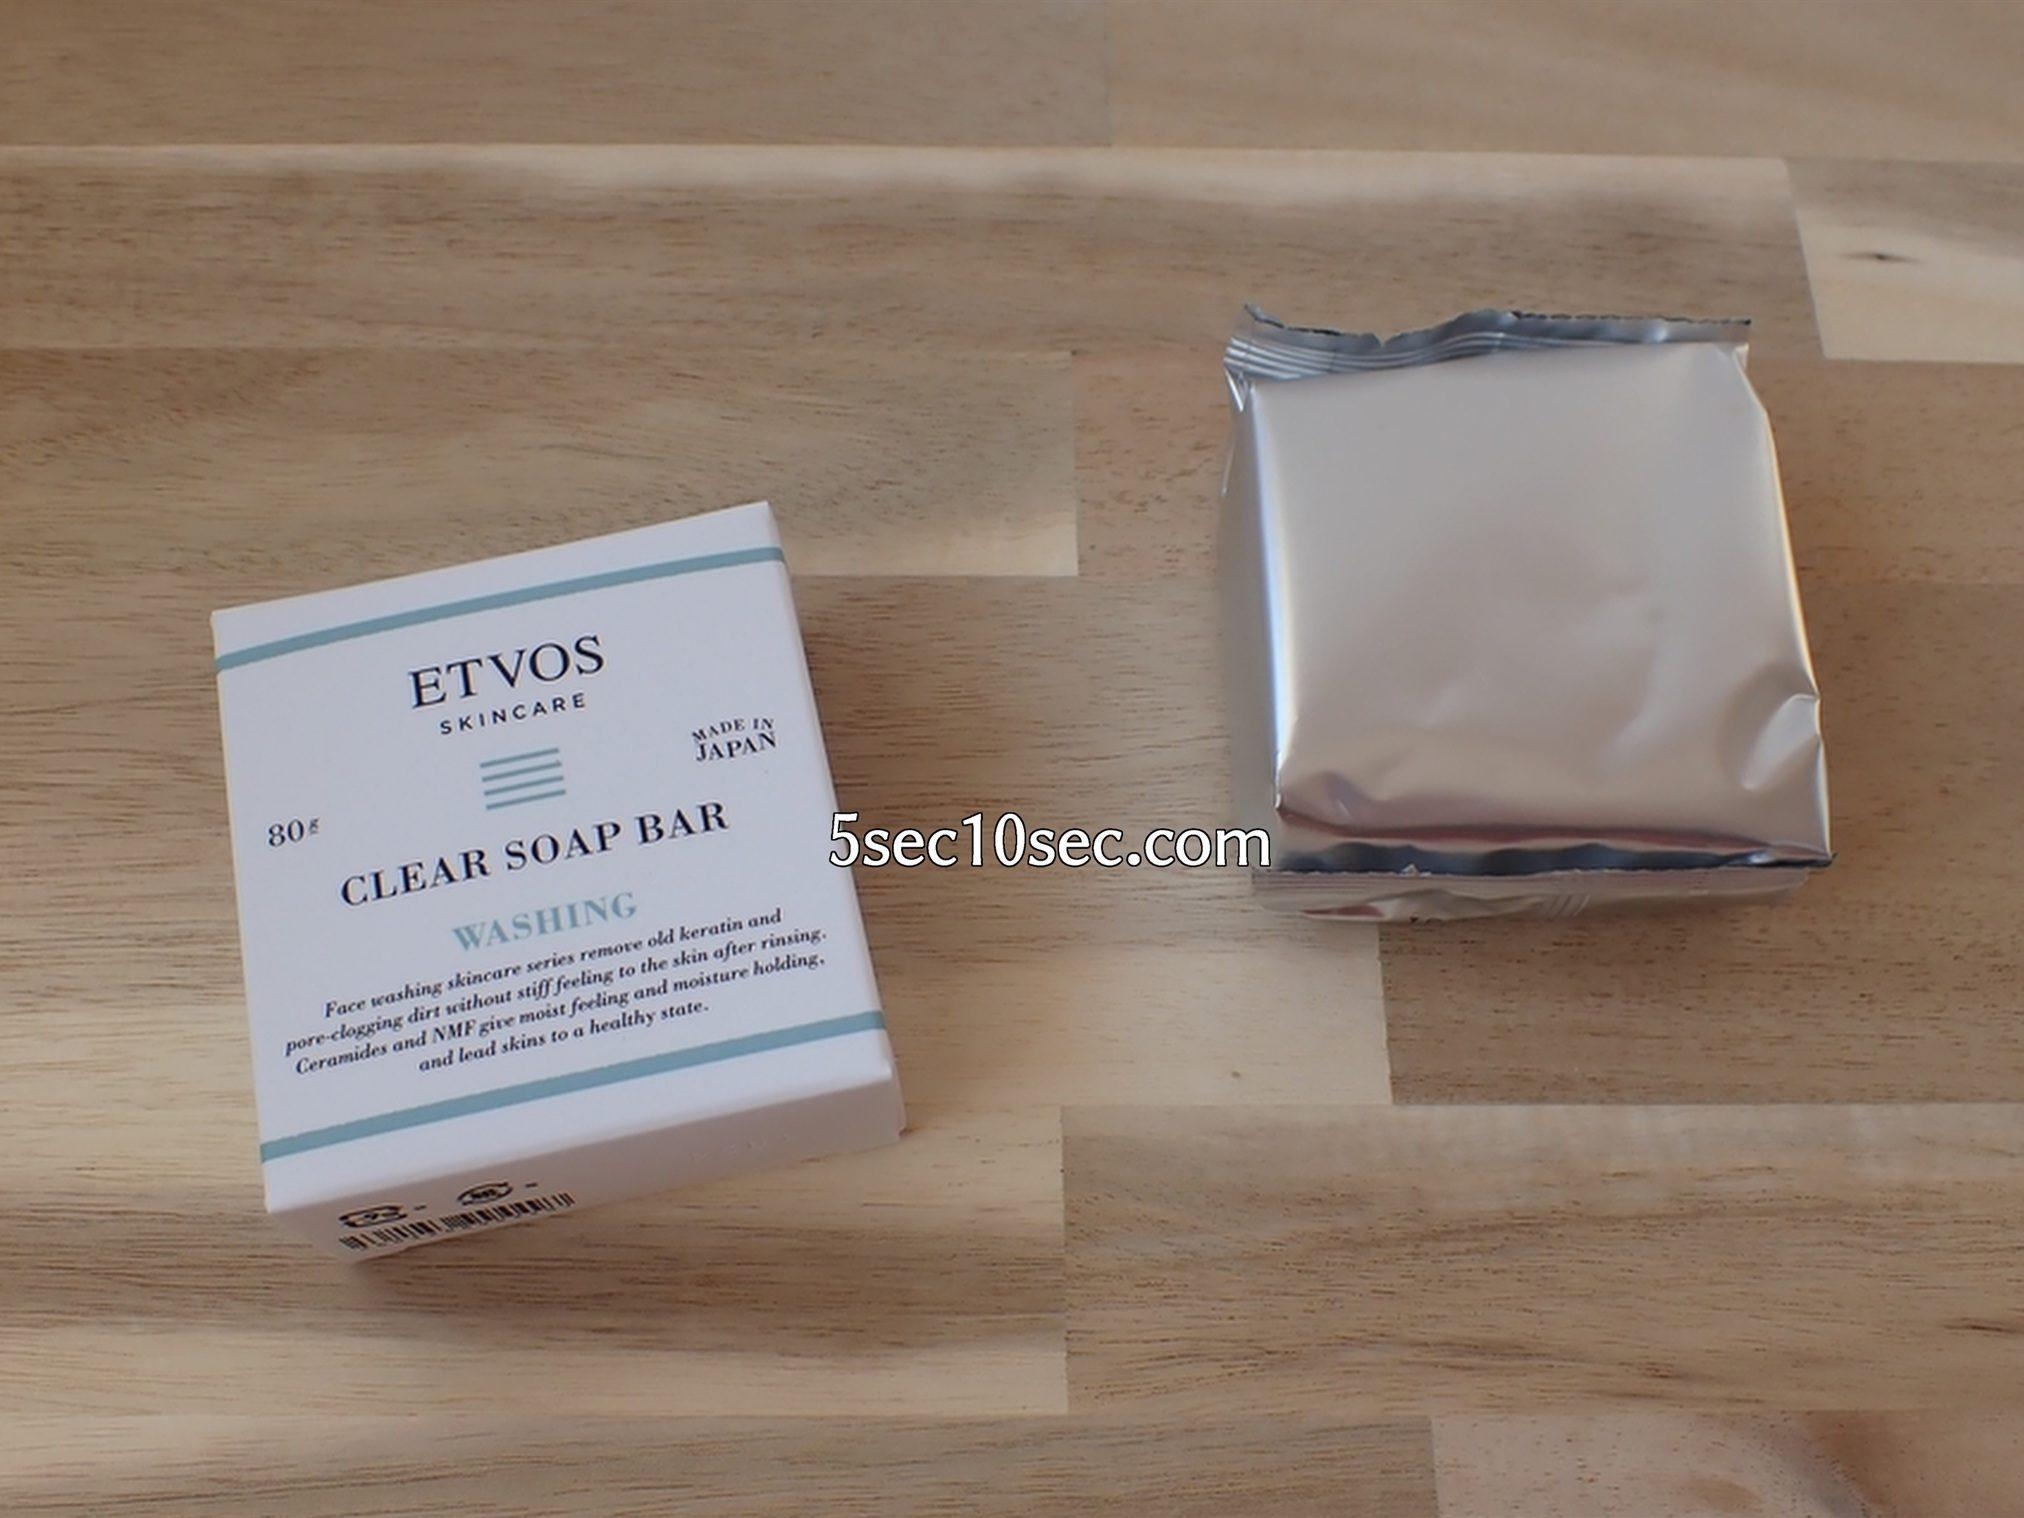 エトヴォス ETVOS クリアソープバー 洗顔石鹸 開封写真